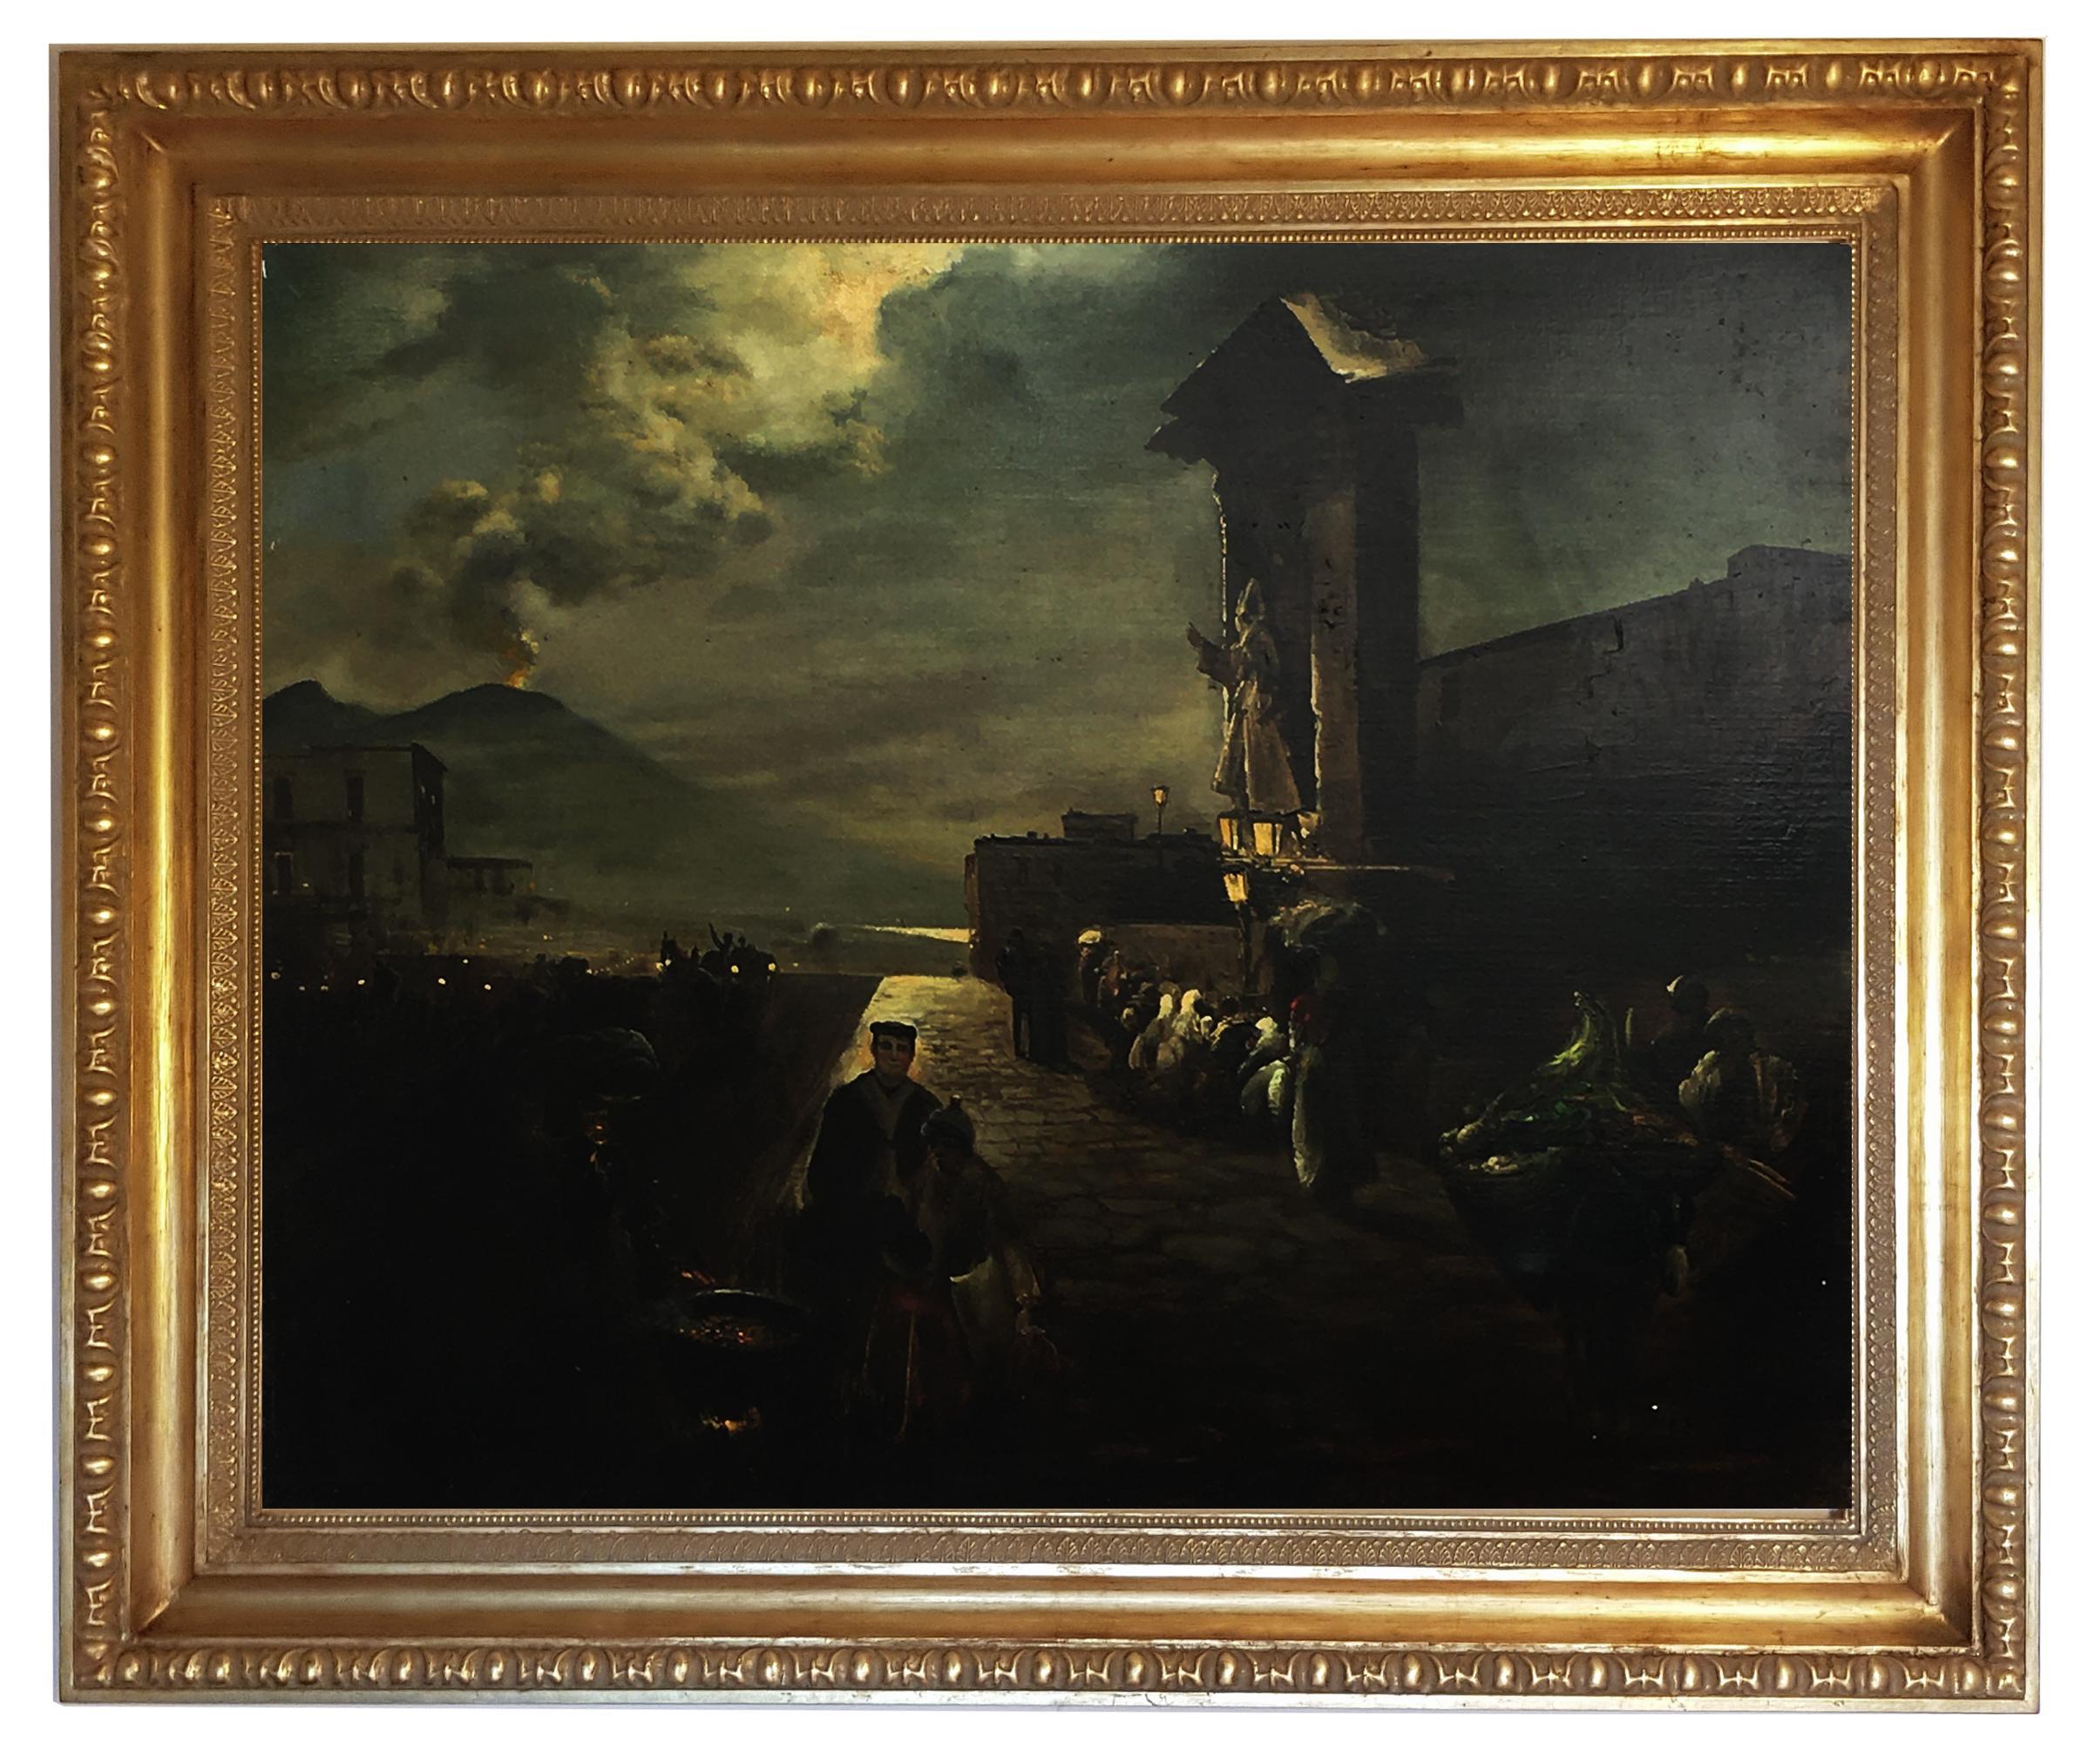 NAPLES - Posillipo School - Italian Landscape Oil on Canvas Painting